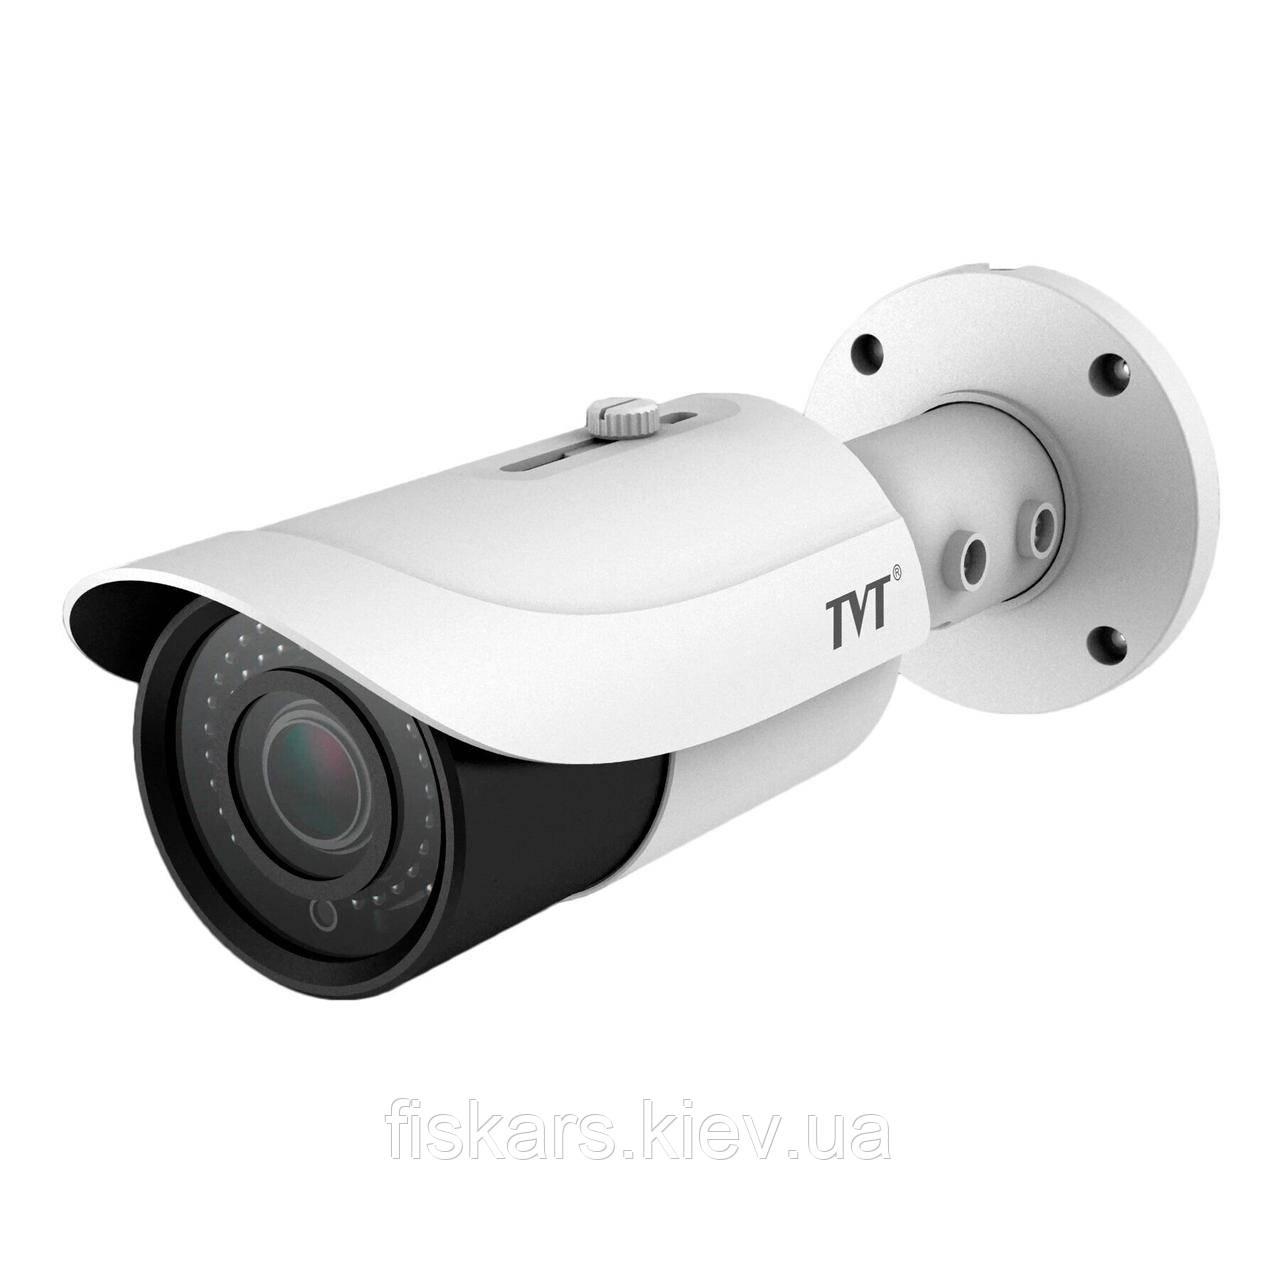 5 Мп сетевая видеокамера TVT Digital TD-9453E2 (D/AZ/PE/IR3)